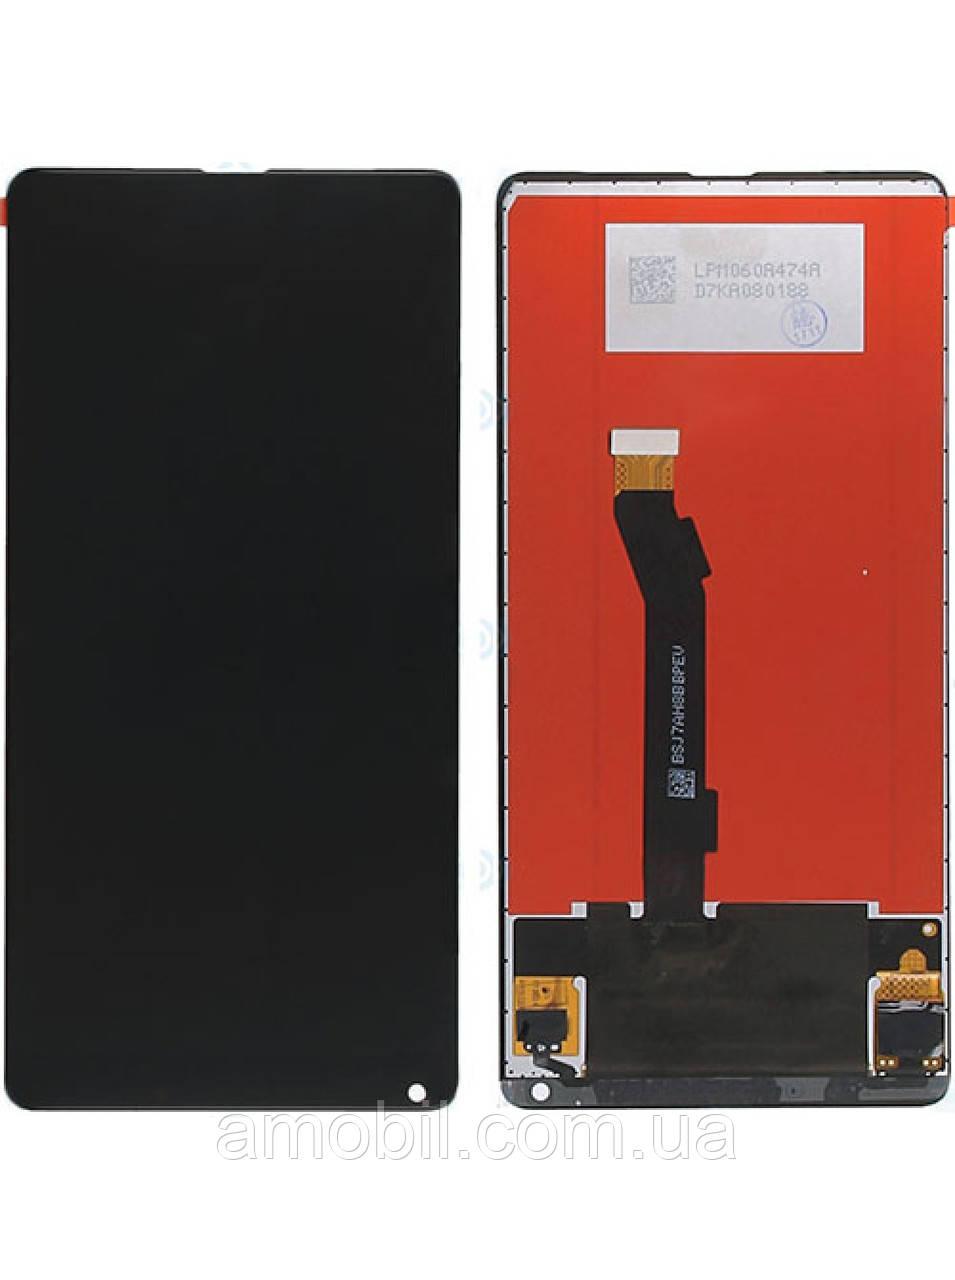 Дисплей + Сенсор Xiaomi Mi Mix 2 , Mix 2S Mi Mix 2 Evo black orig